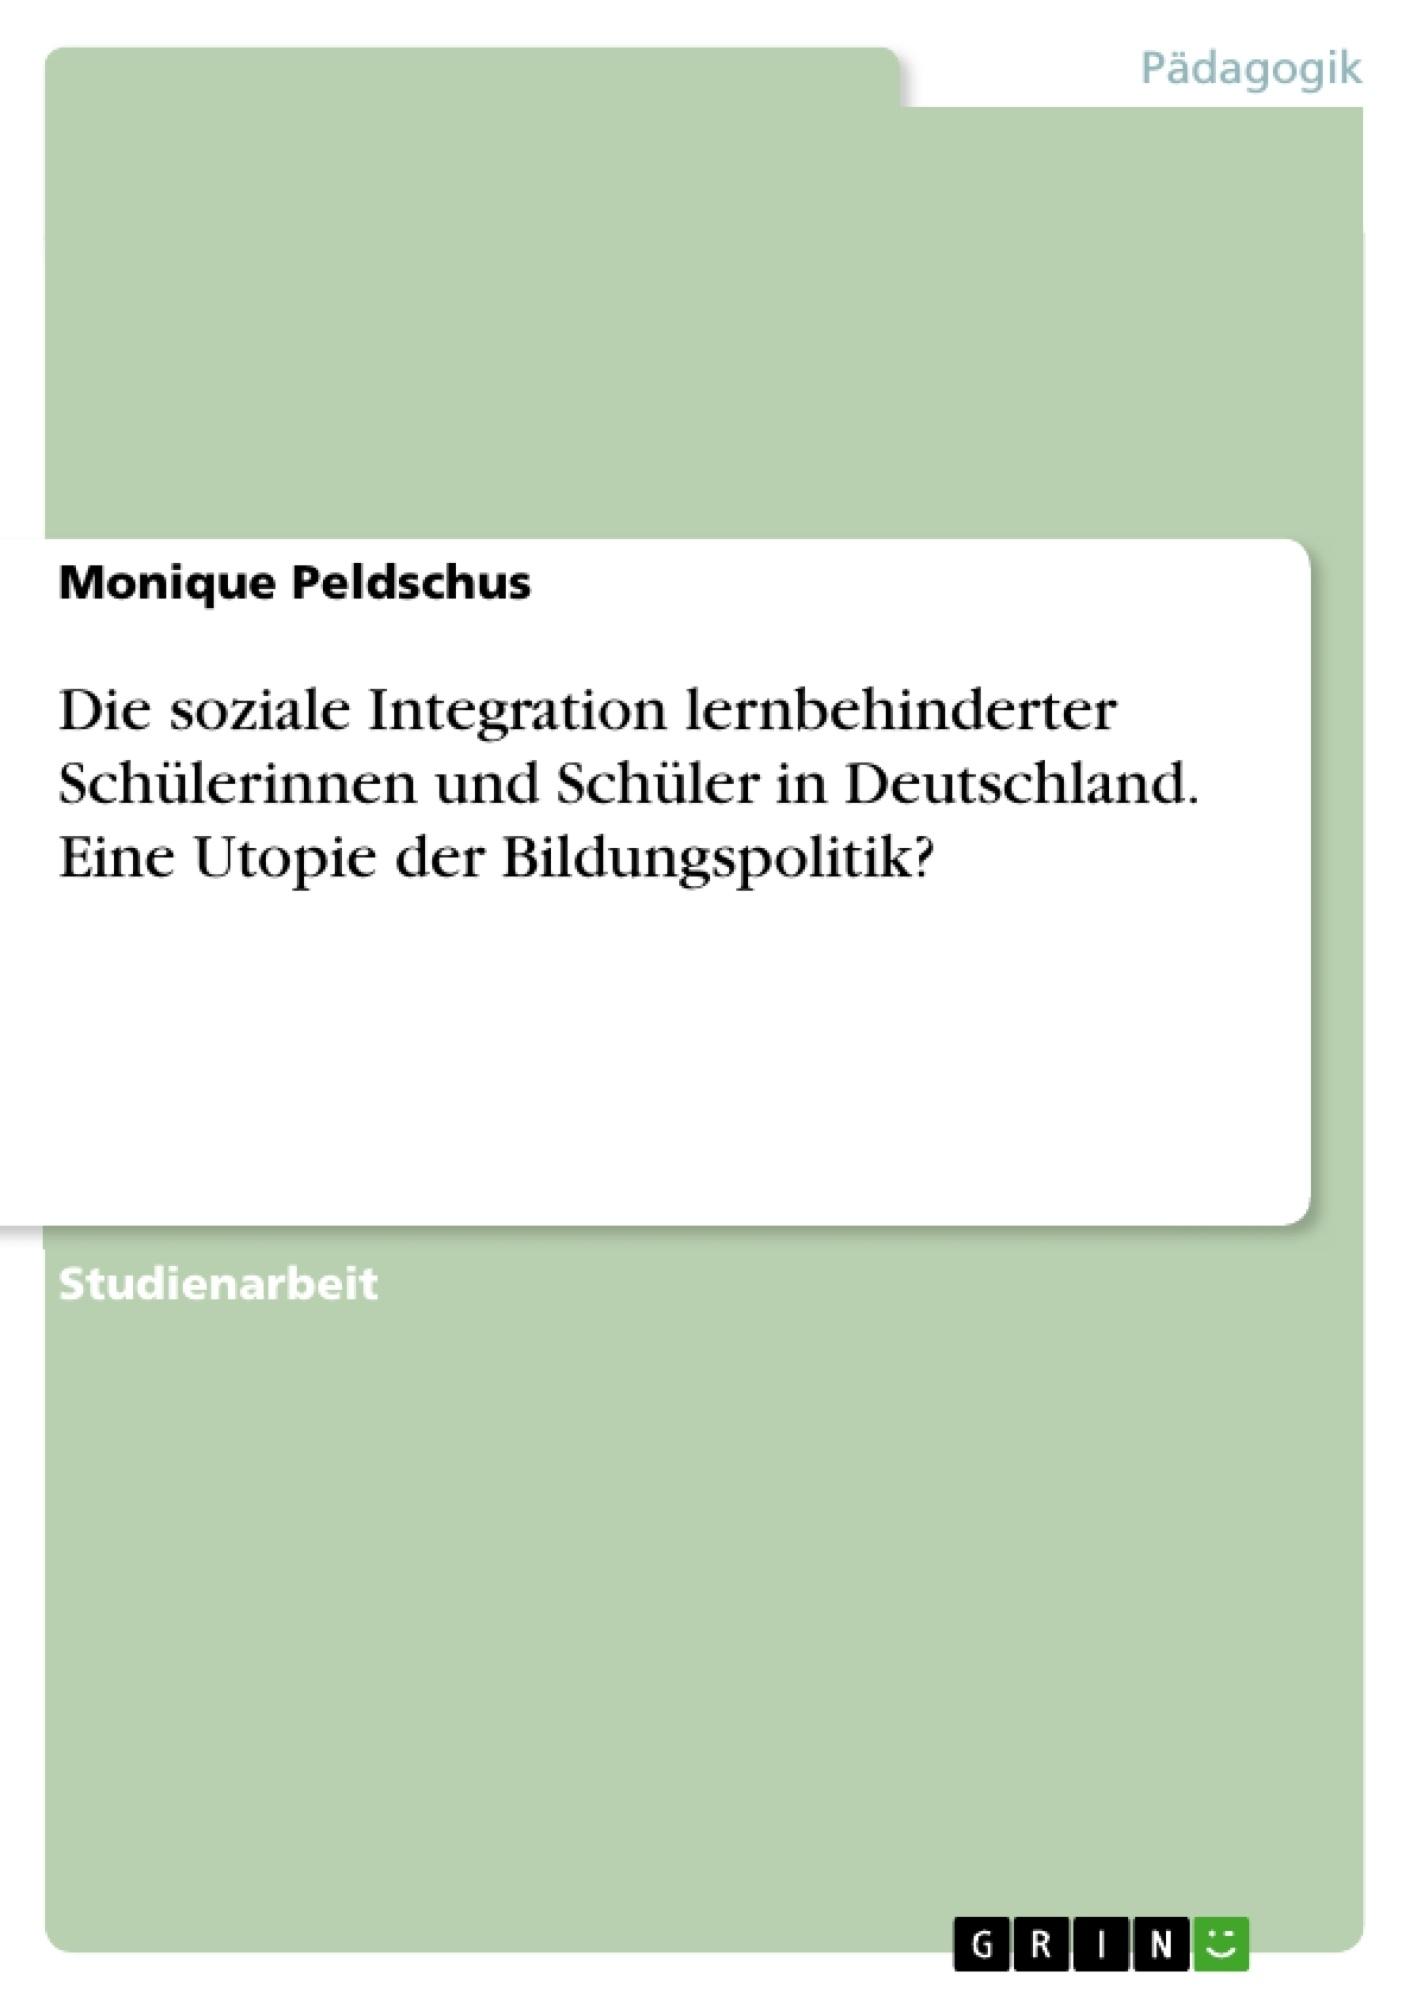 Titel: Die soziale Integration lernbehinderter Schülerinnen und Schüler in Deutschland. Eine Utopie der Bildungspolitik?